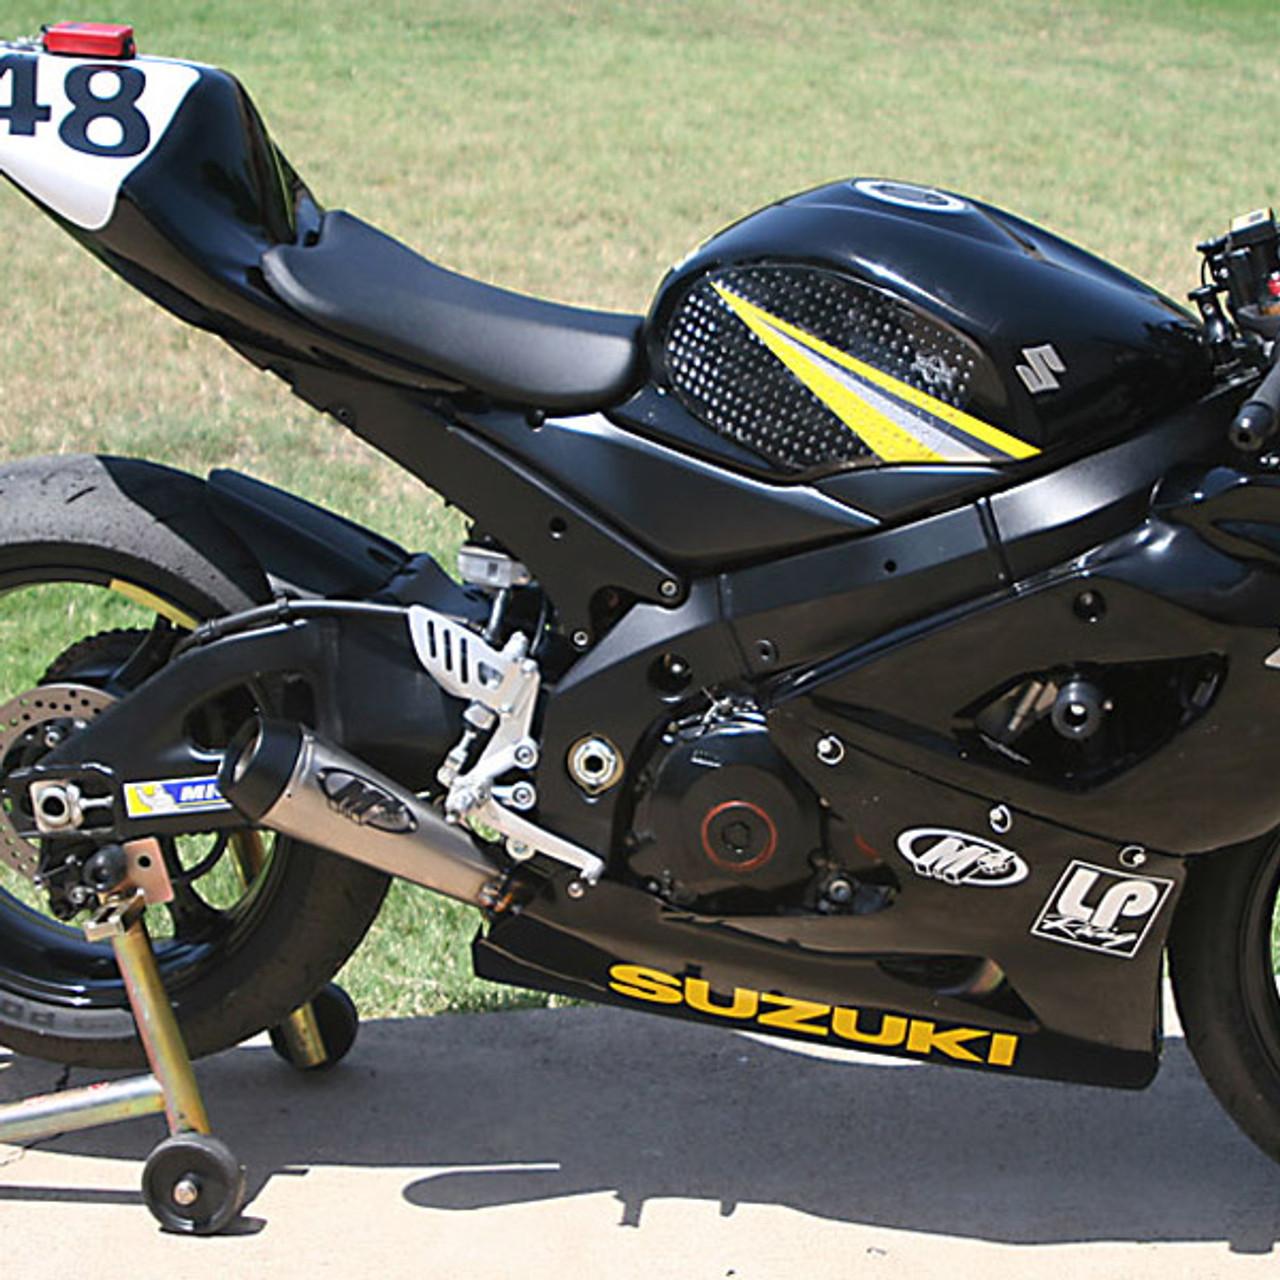 m4 suzuki gsx r1000 05 06 gp mount slip on exhaust